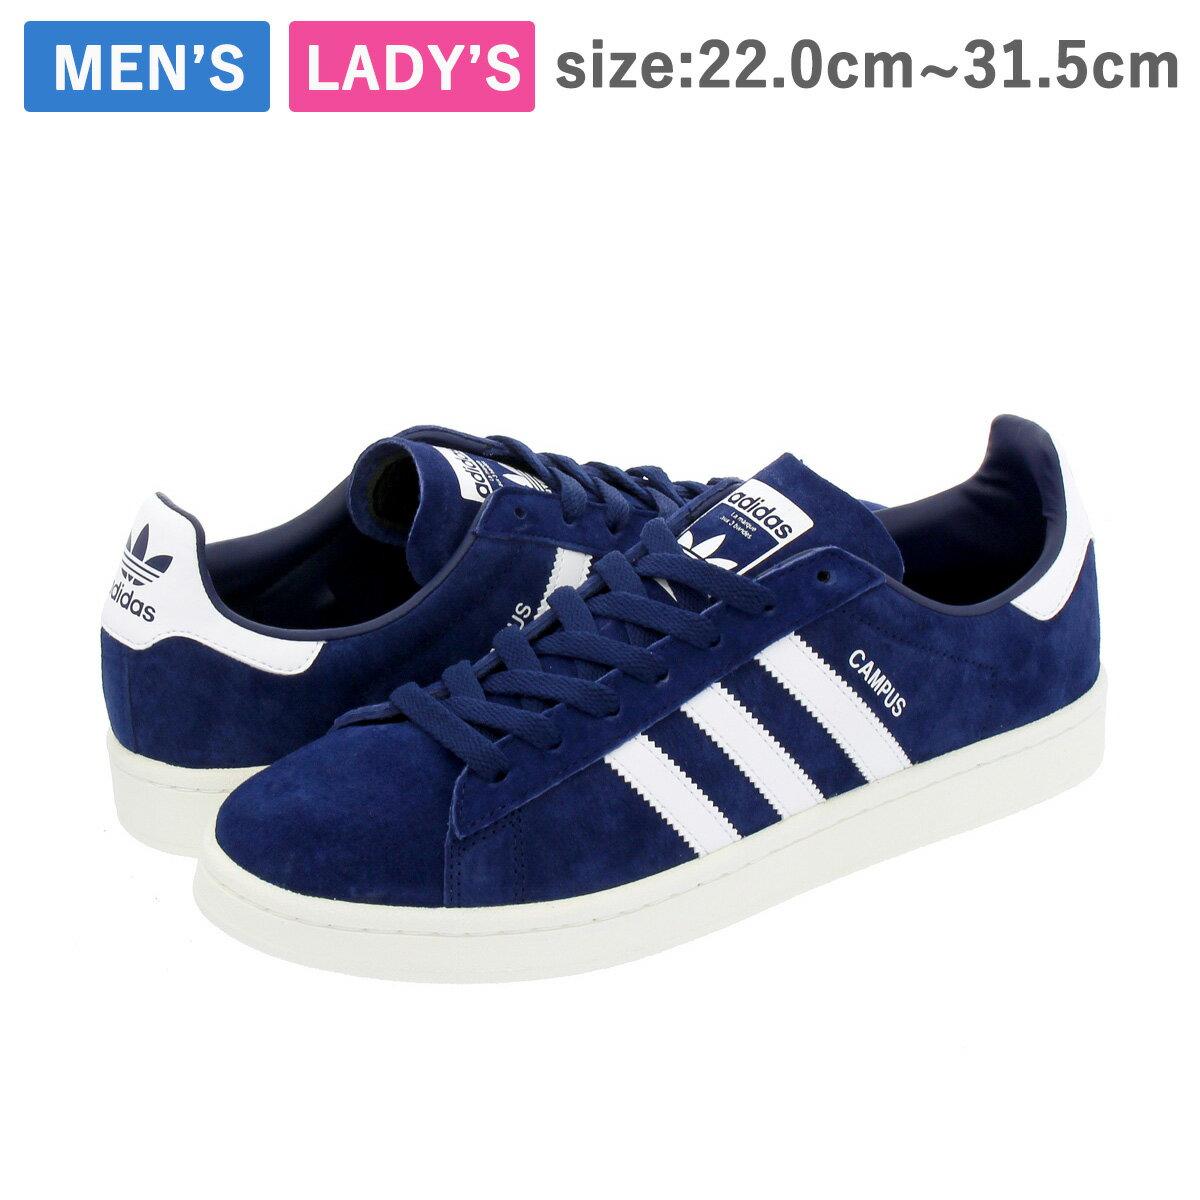 adidas CAMPUS 【adidas Originals】 アディダス キャンパス DARK BLUE/RUNNING WHITE/CHALK WHITE